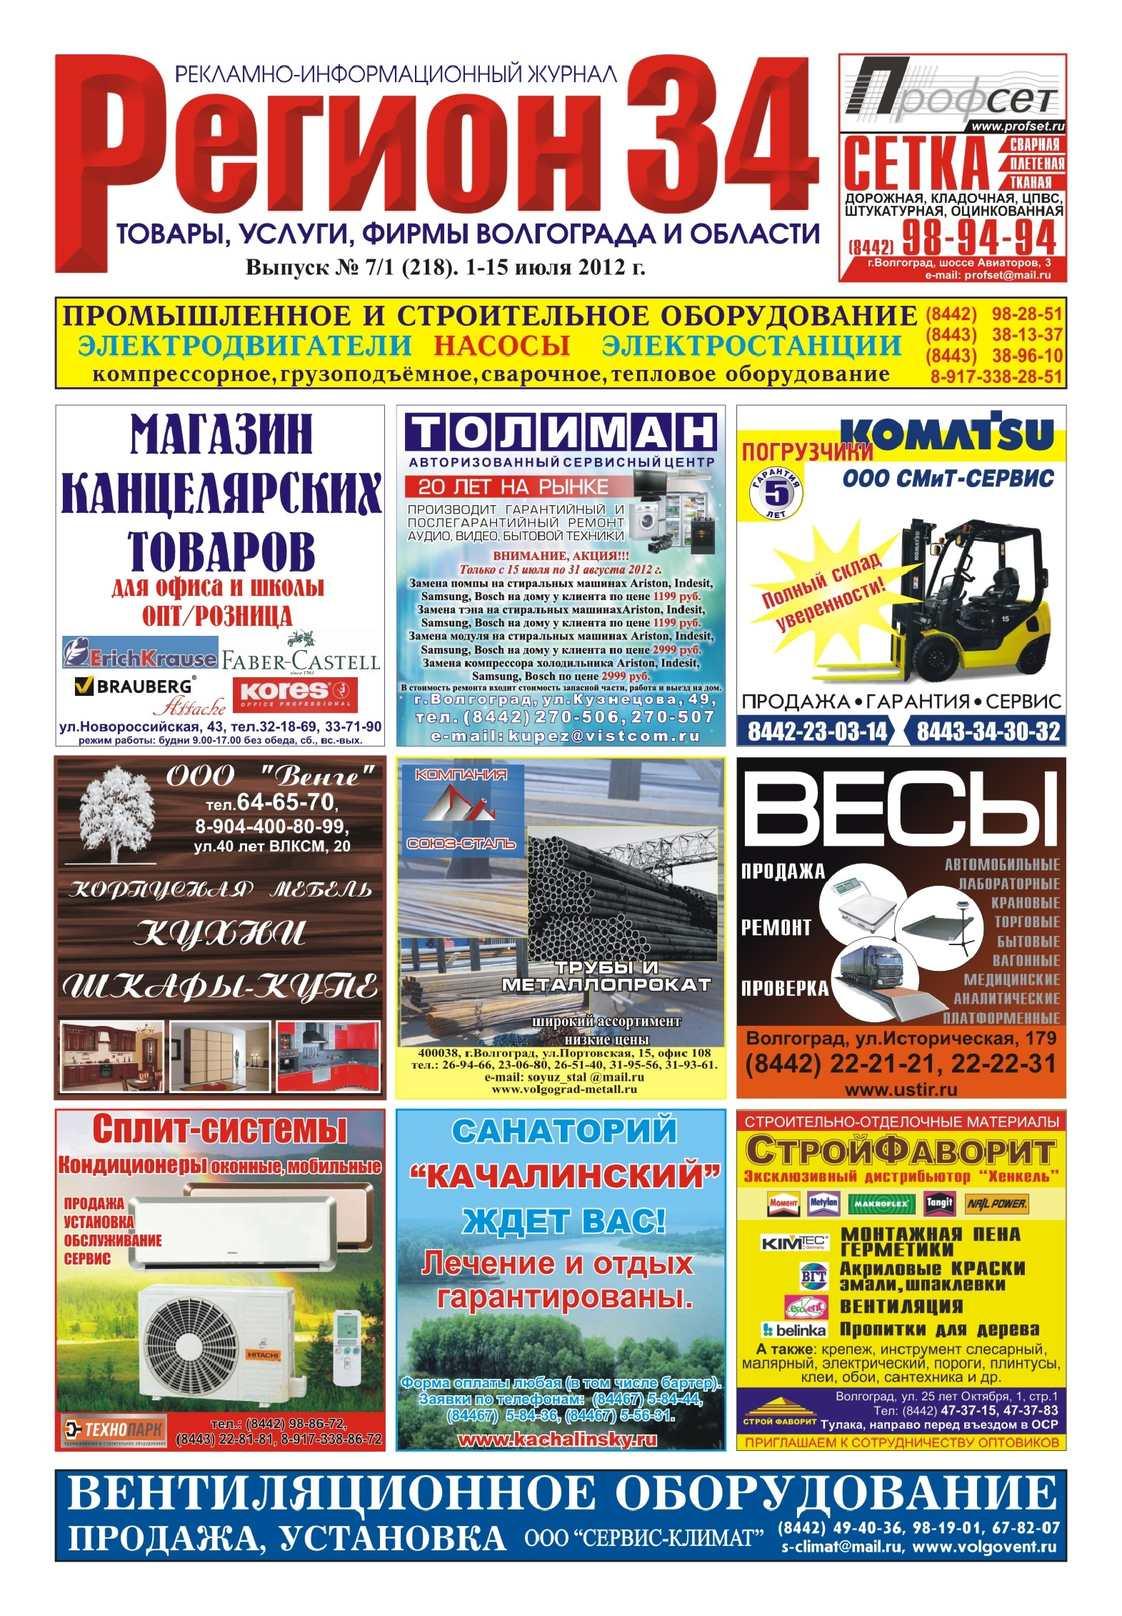 171af038c4a9 Calaméo - Регион34 выпуск 218 июль(1) 2012 г